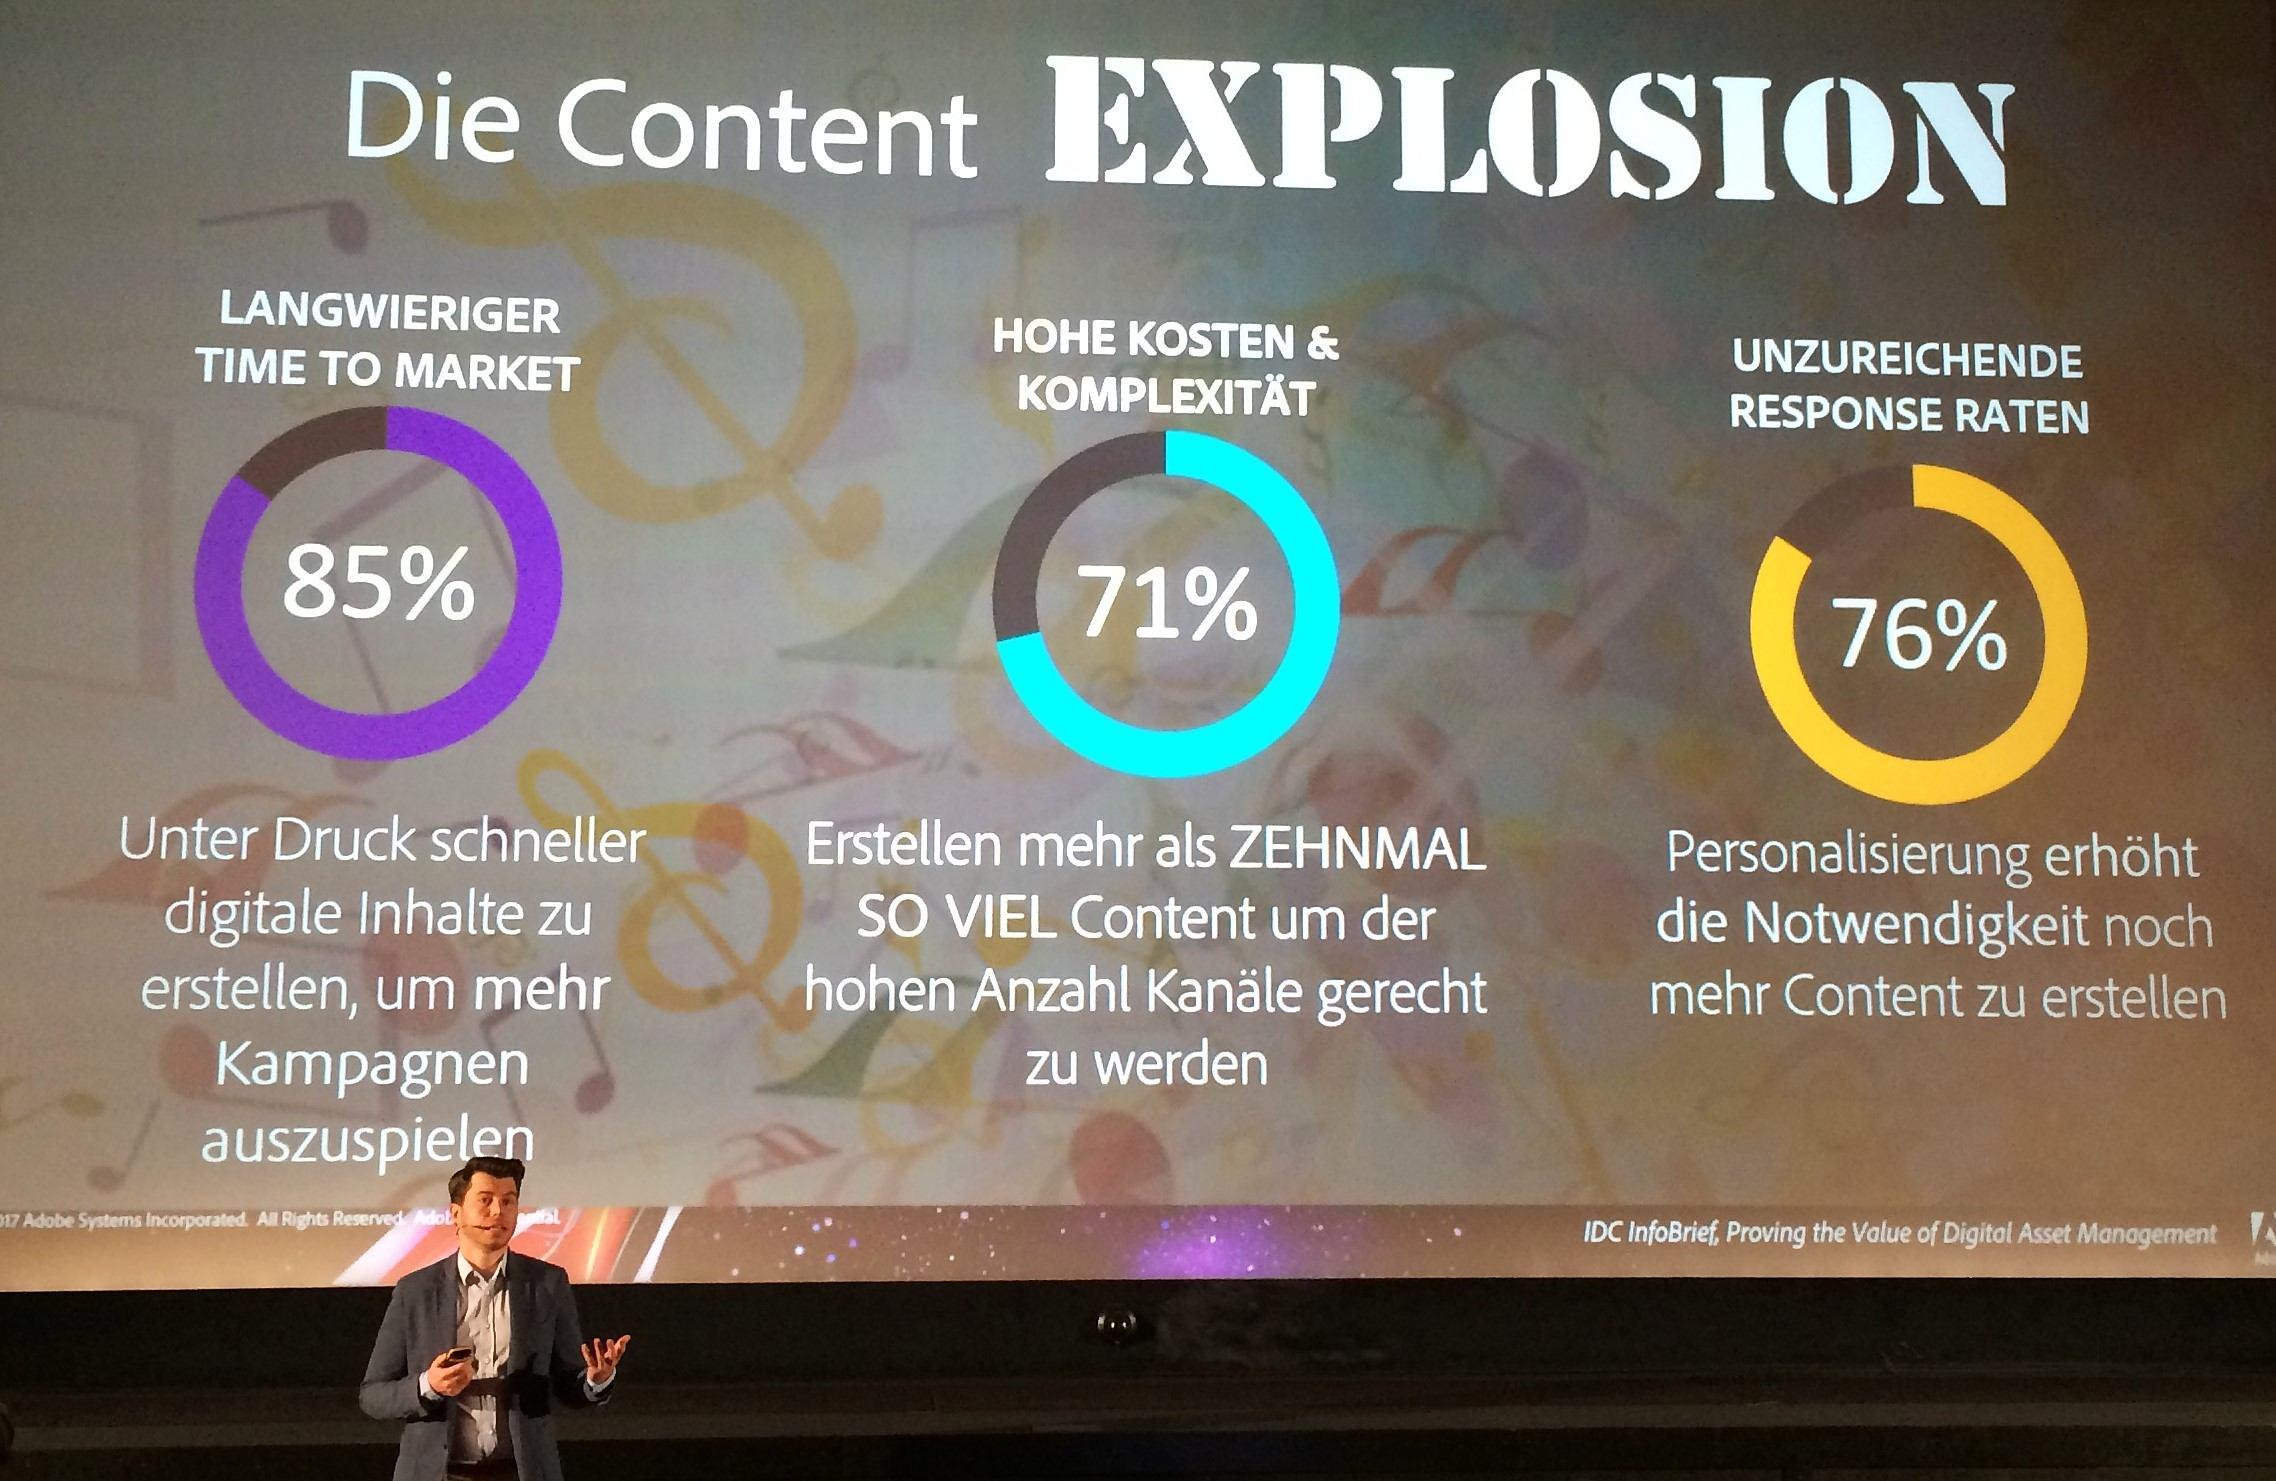 Vortrag von Timo Kohlberg über die Explosion der Anzahl Inhalte